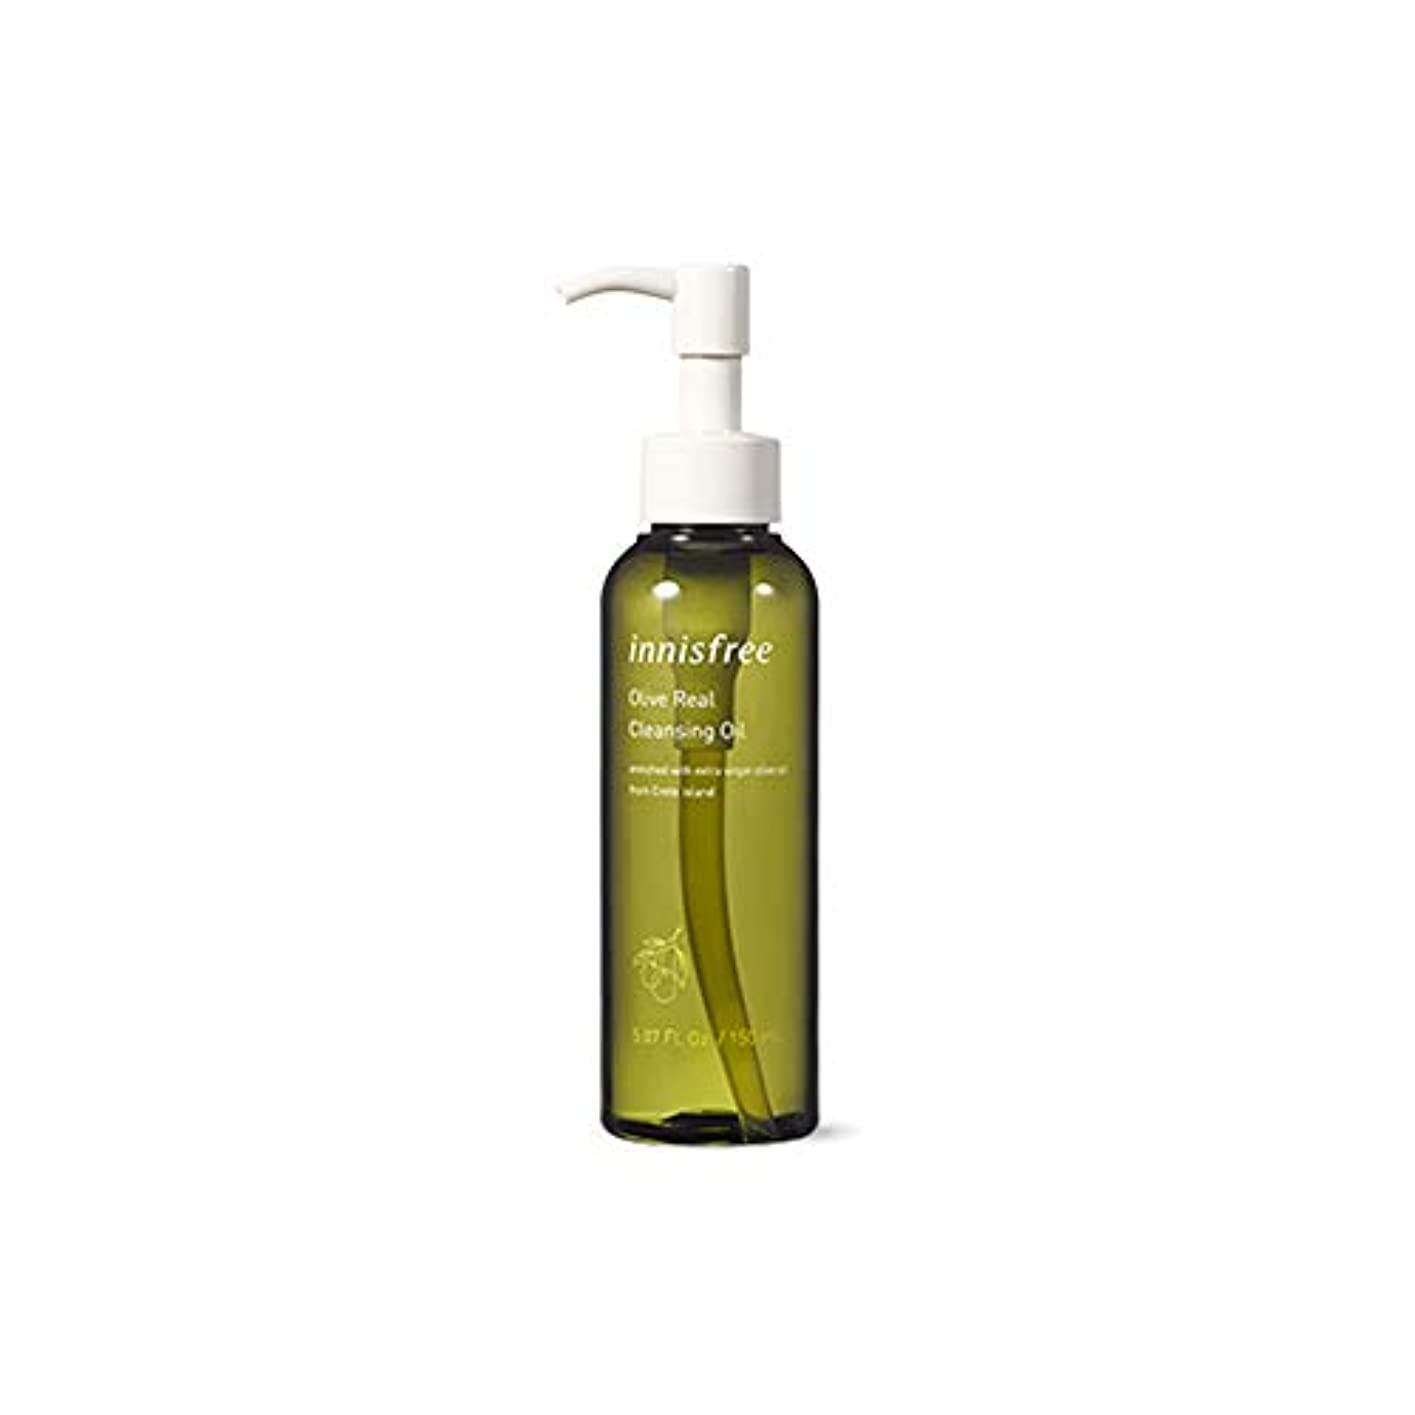 振動する元に戻すダイジェストイニスフリー Innisfreeオリーブ リアル クレンジング オイル(150ml) Innisfree Olive Real Cleansing Oil(150ml) [海外直送品]